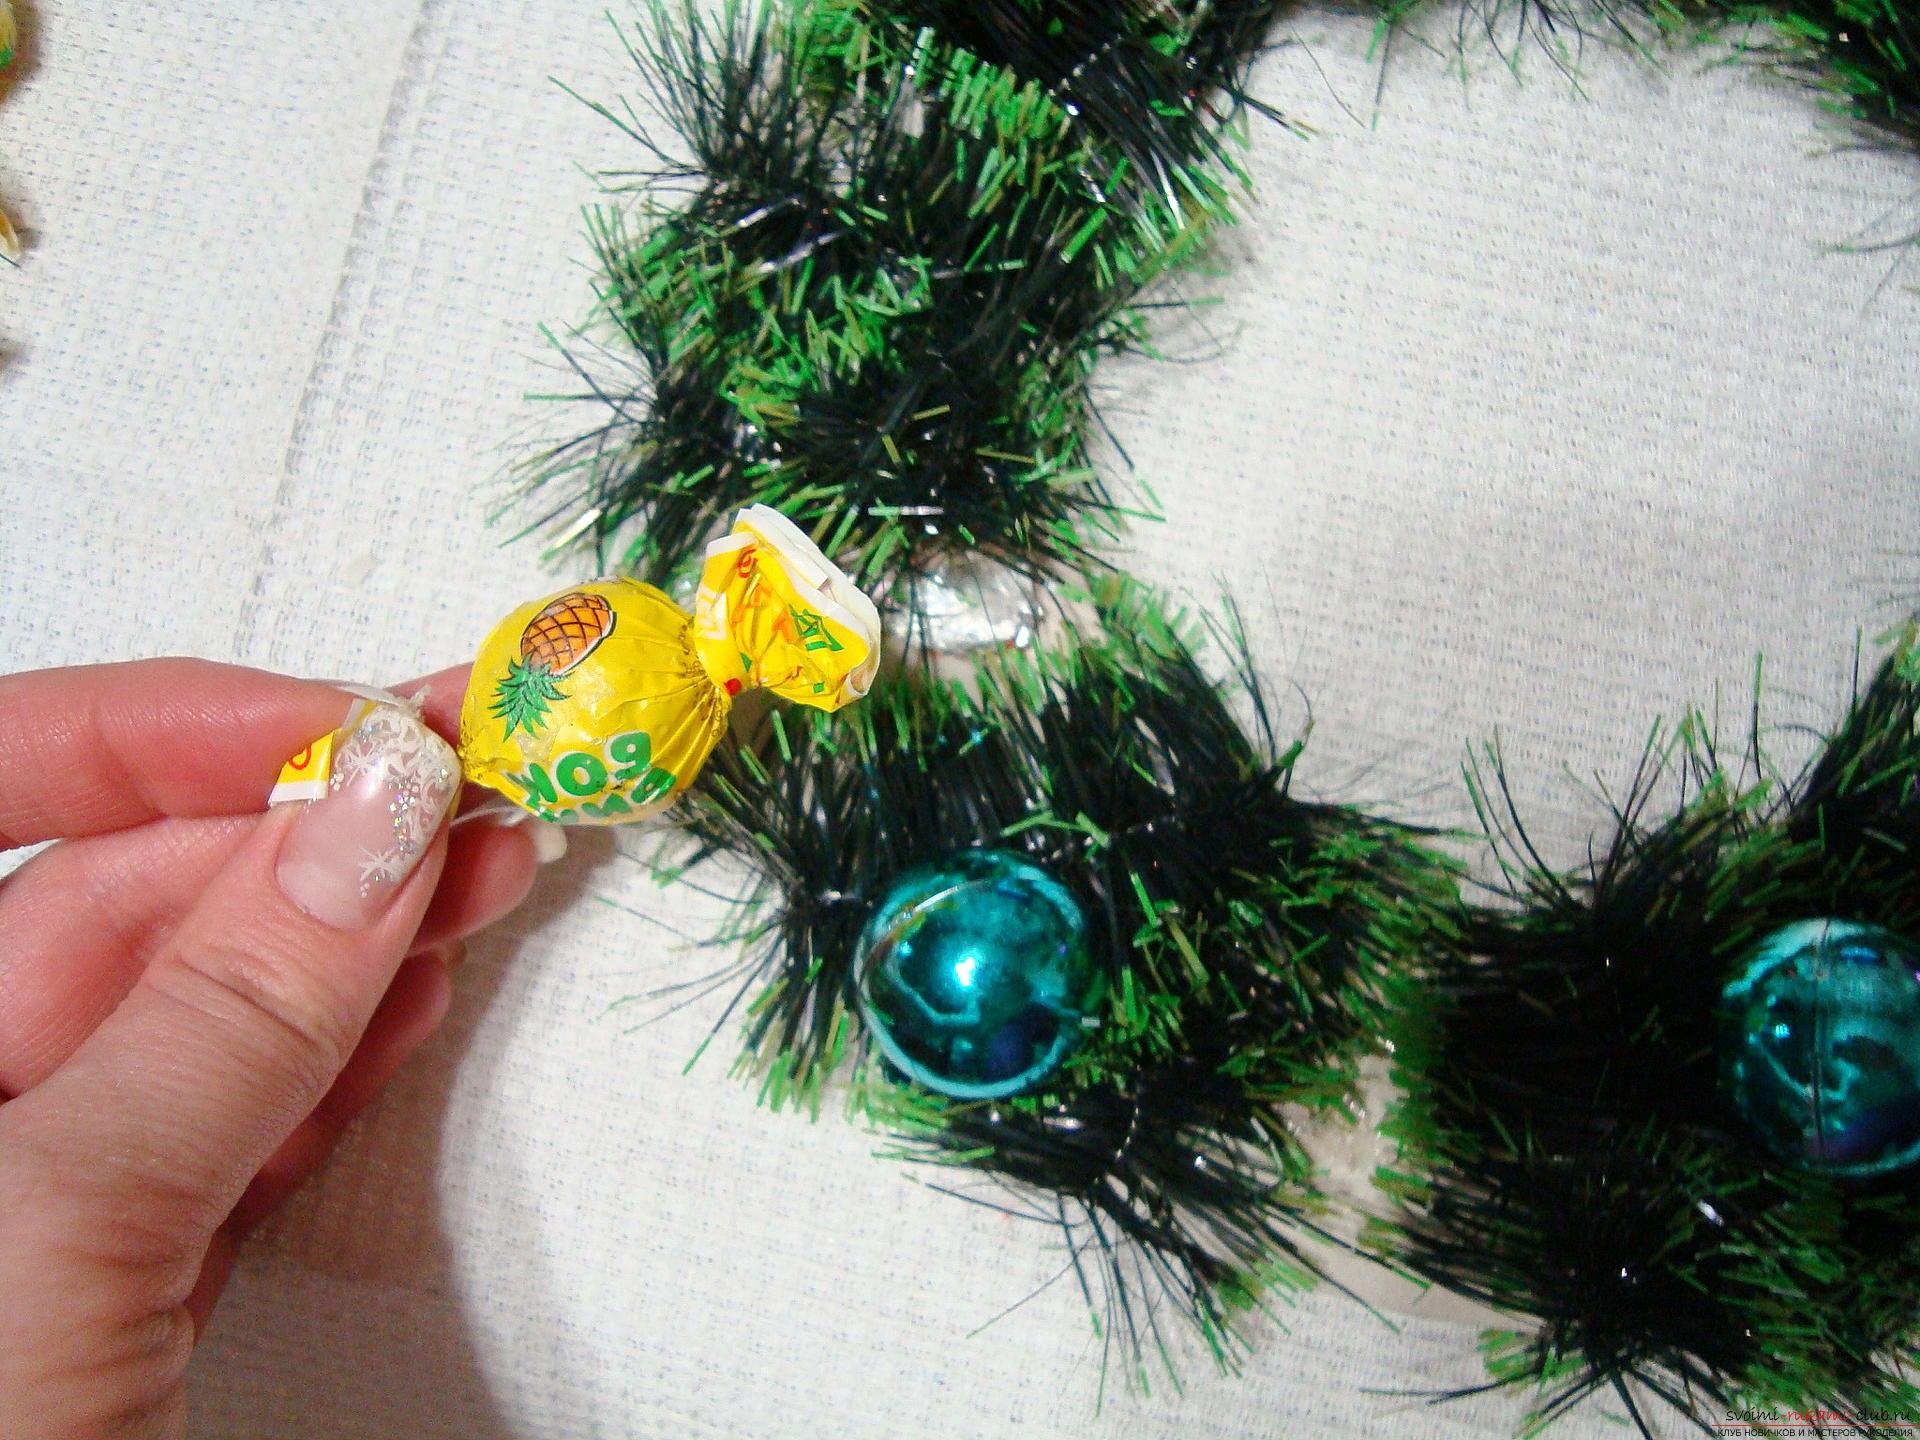 Последний этап - приклеивание конфет